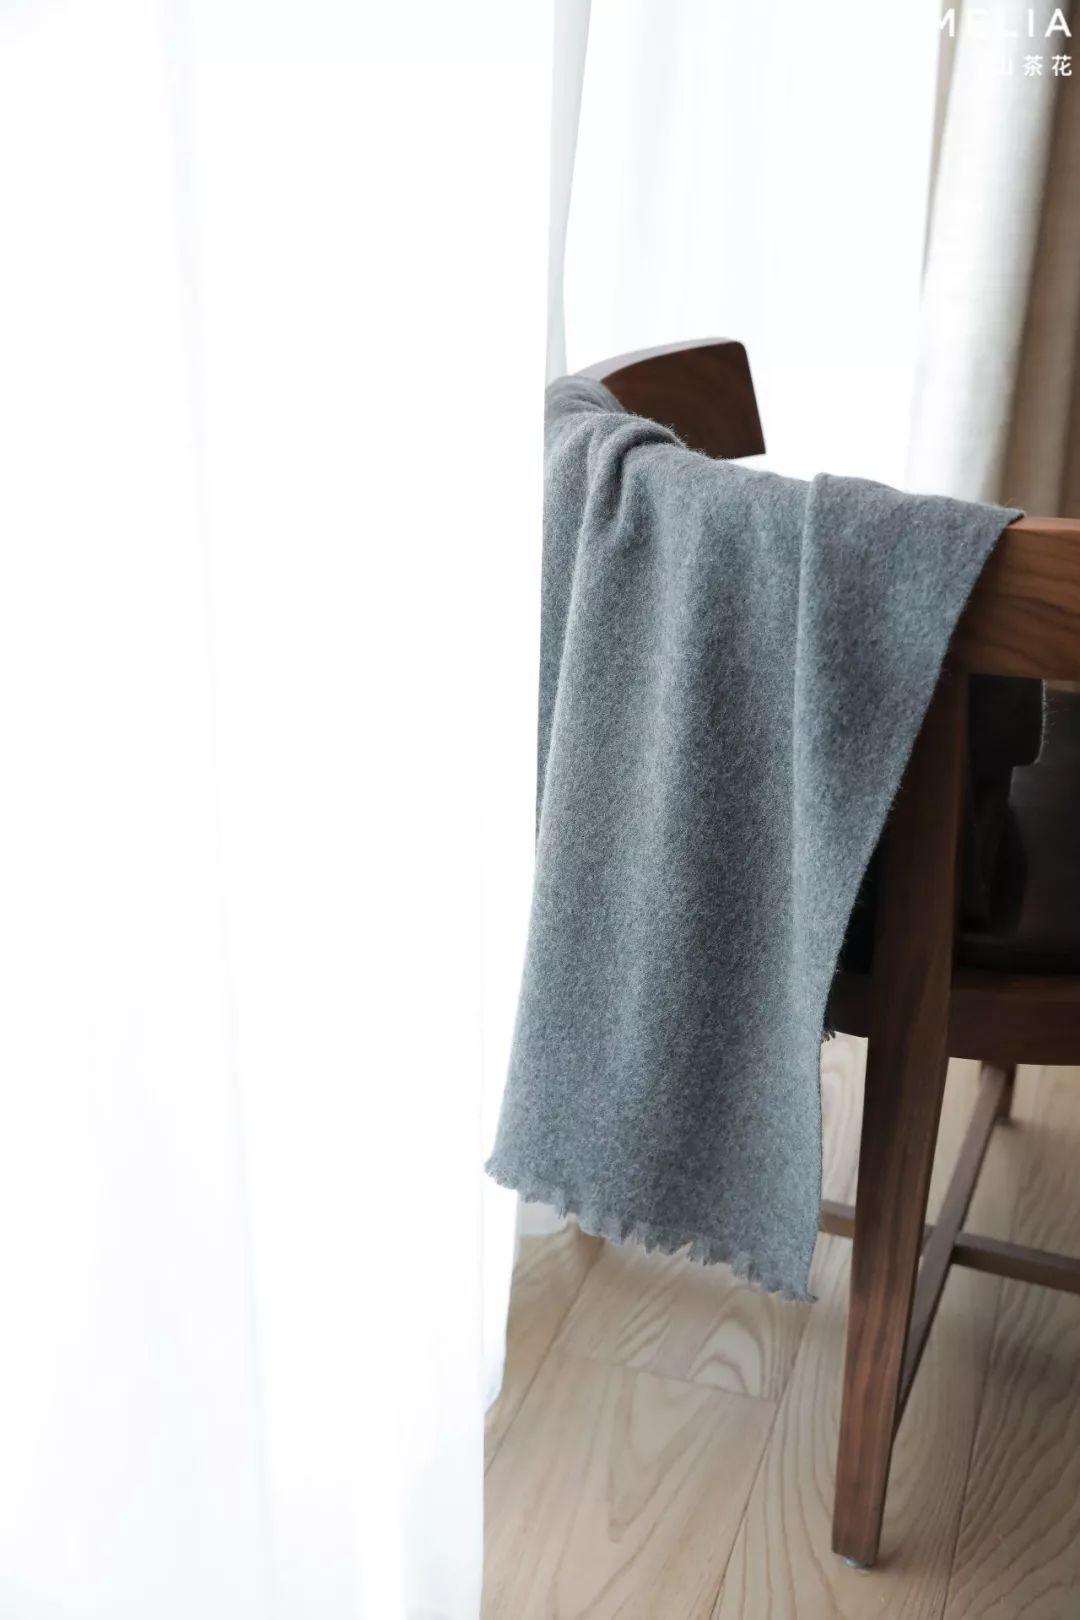 冬季lv羊绒围巾有哪些围法